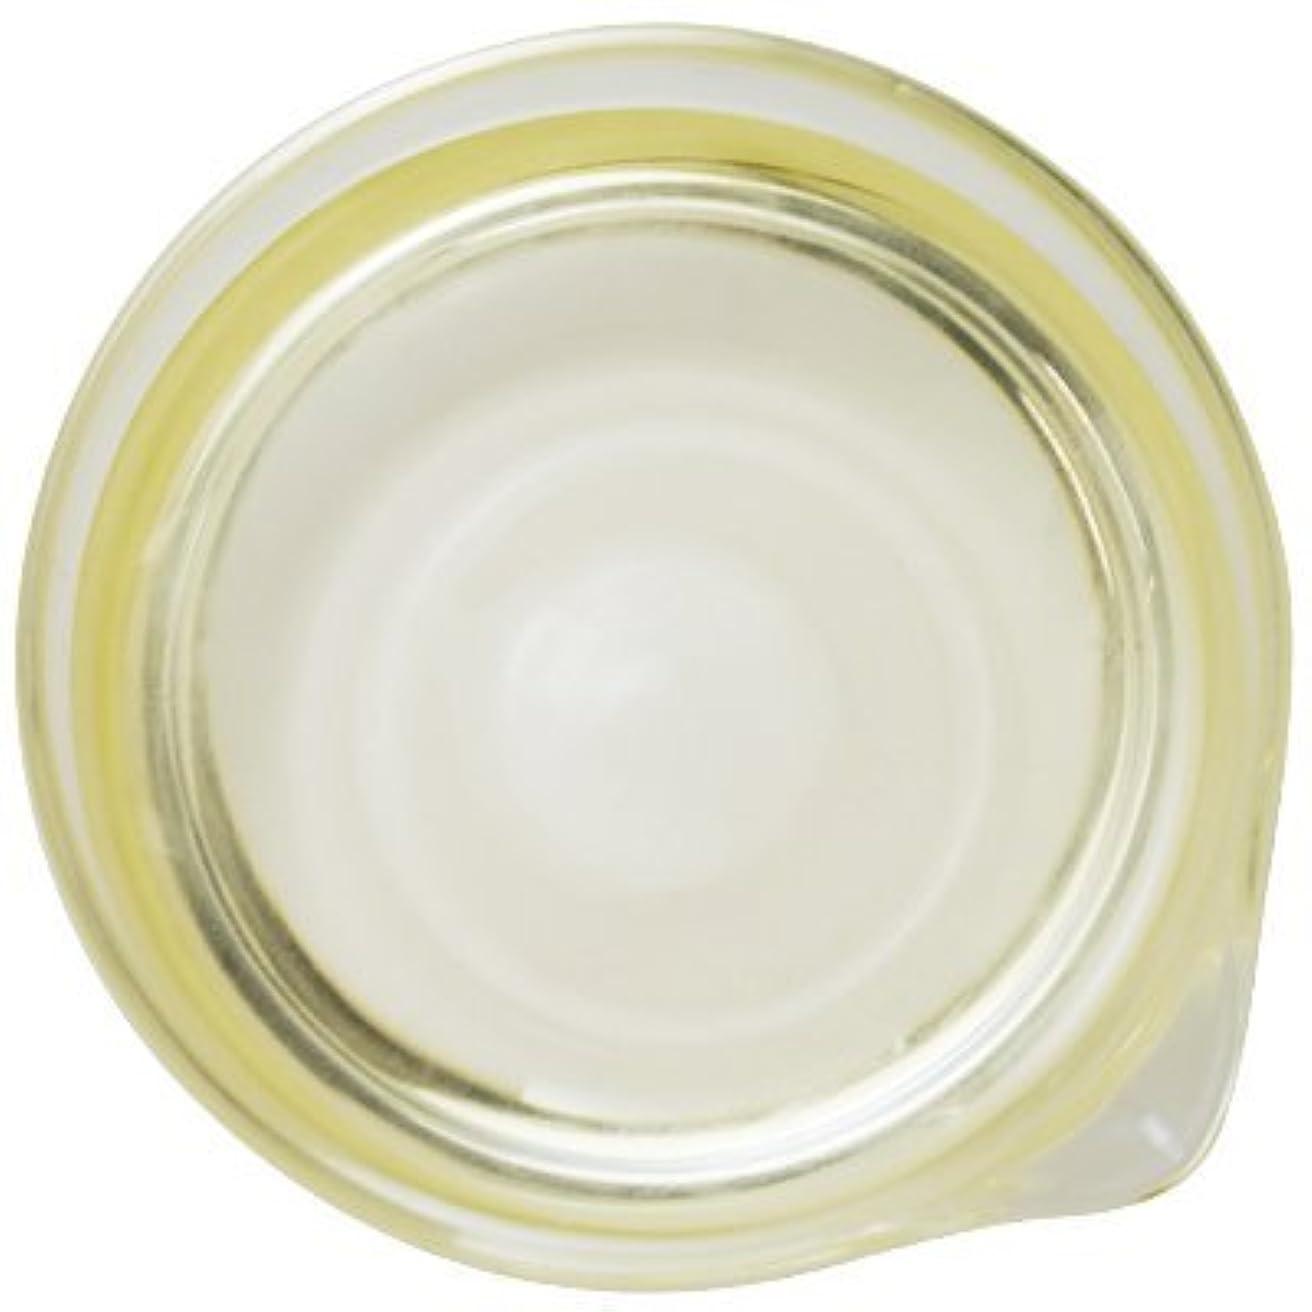 バトル添加剤あたりセサミオイル 500ml [白ごま油]【手作り石鹸/手作りコスメ/ごま油】【birth】